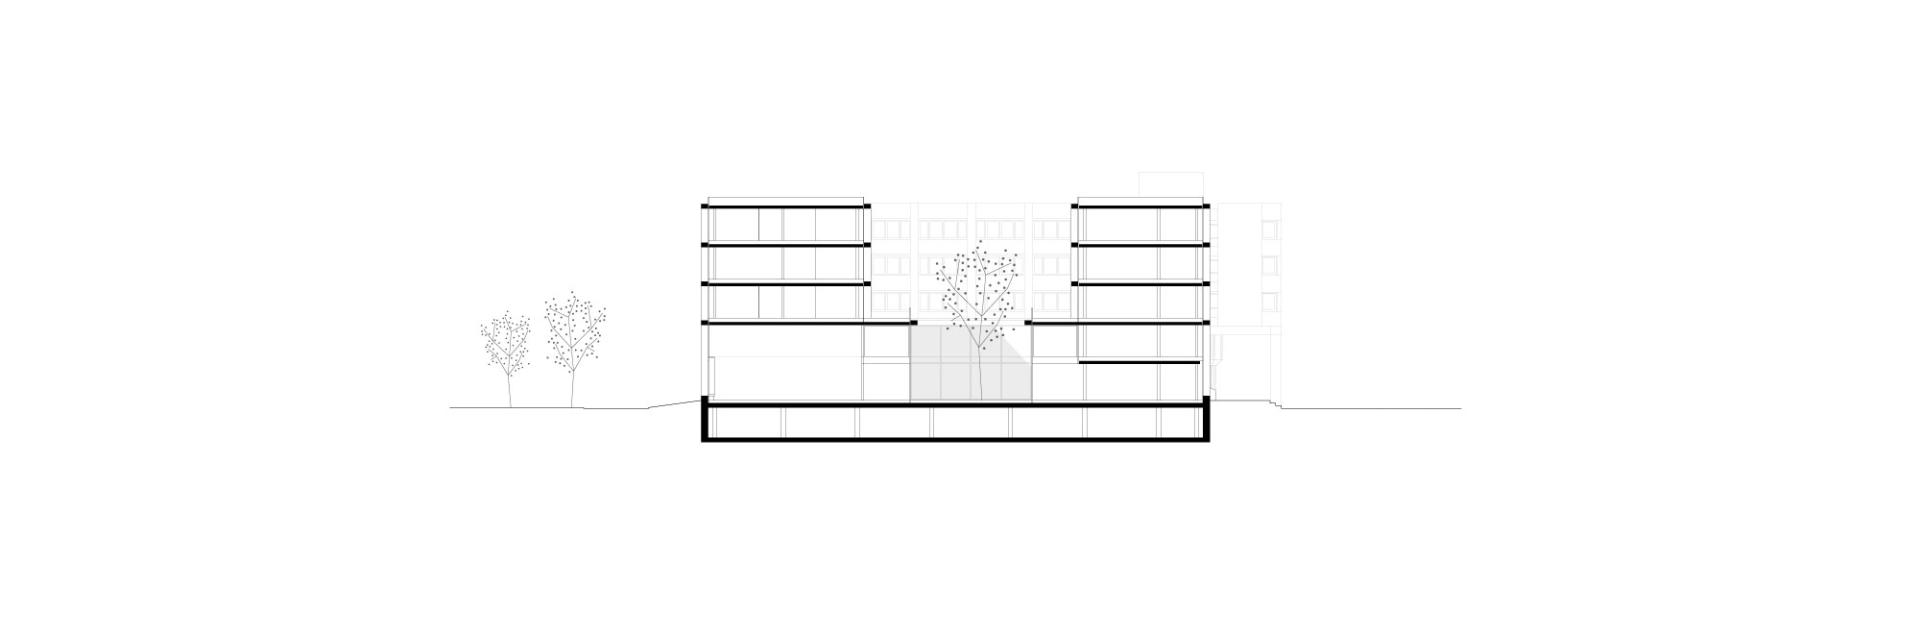 Schenker Salvi Weber Langenhagen City Hall Extension (DE)